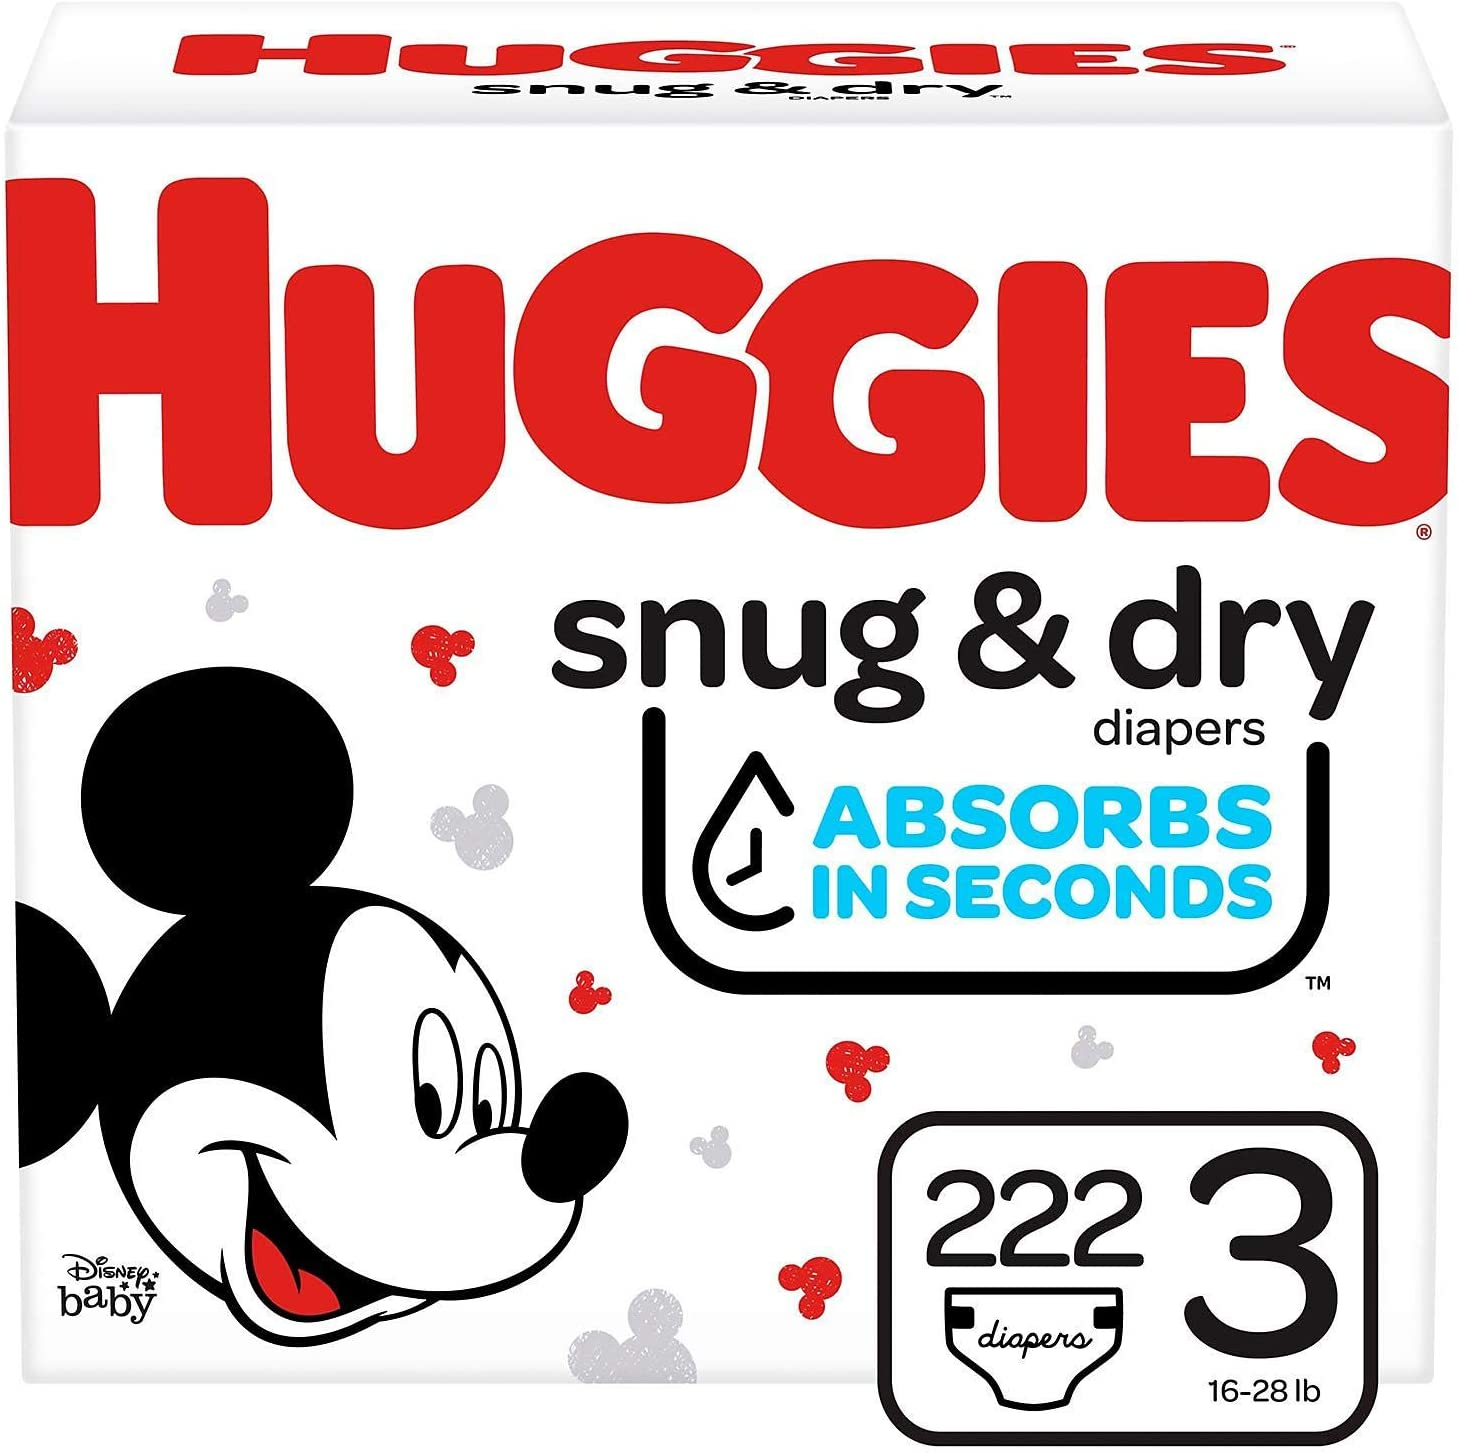 Huggies Snug & Dry Diapers, Economy Plus Pack, Step 3, 16-28 lbs, 222 ea